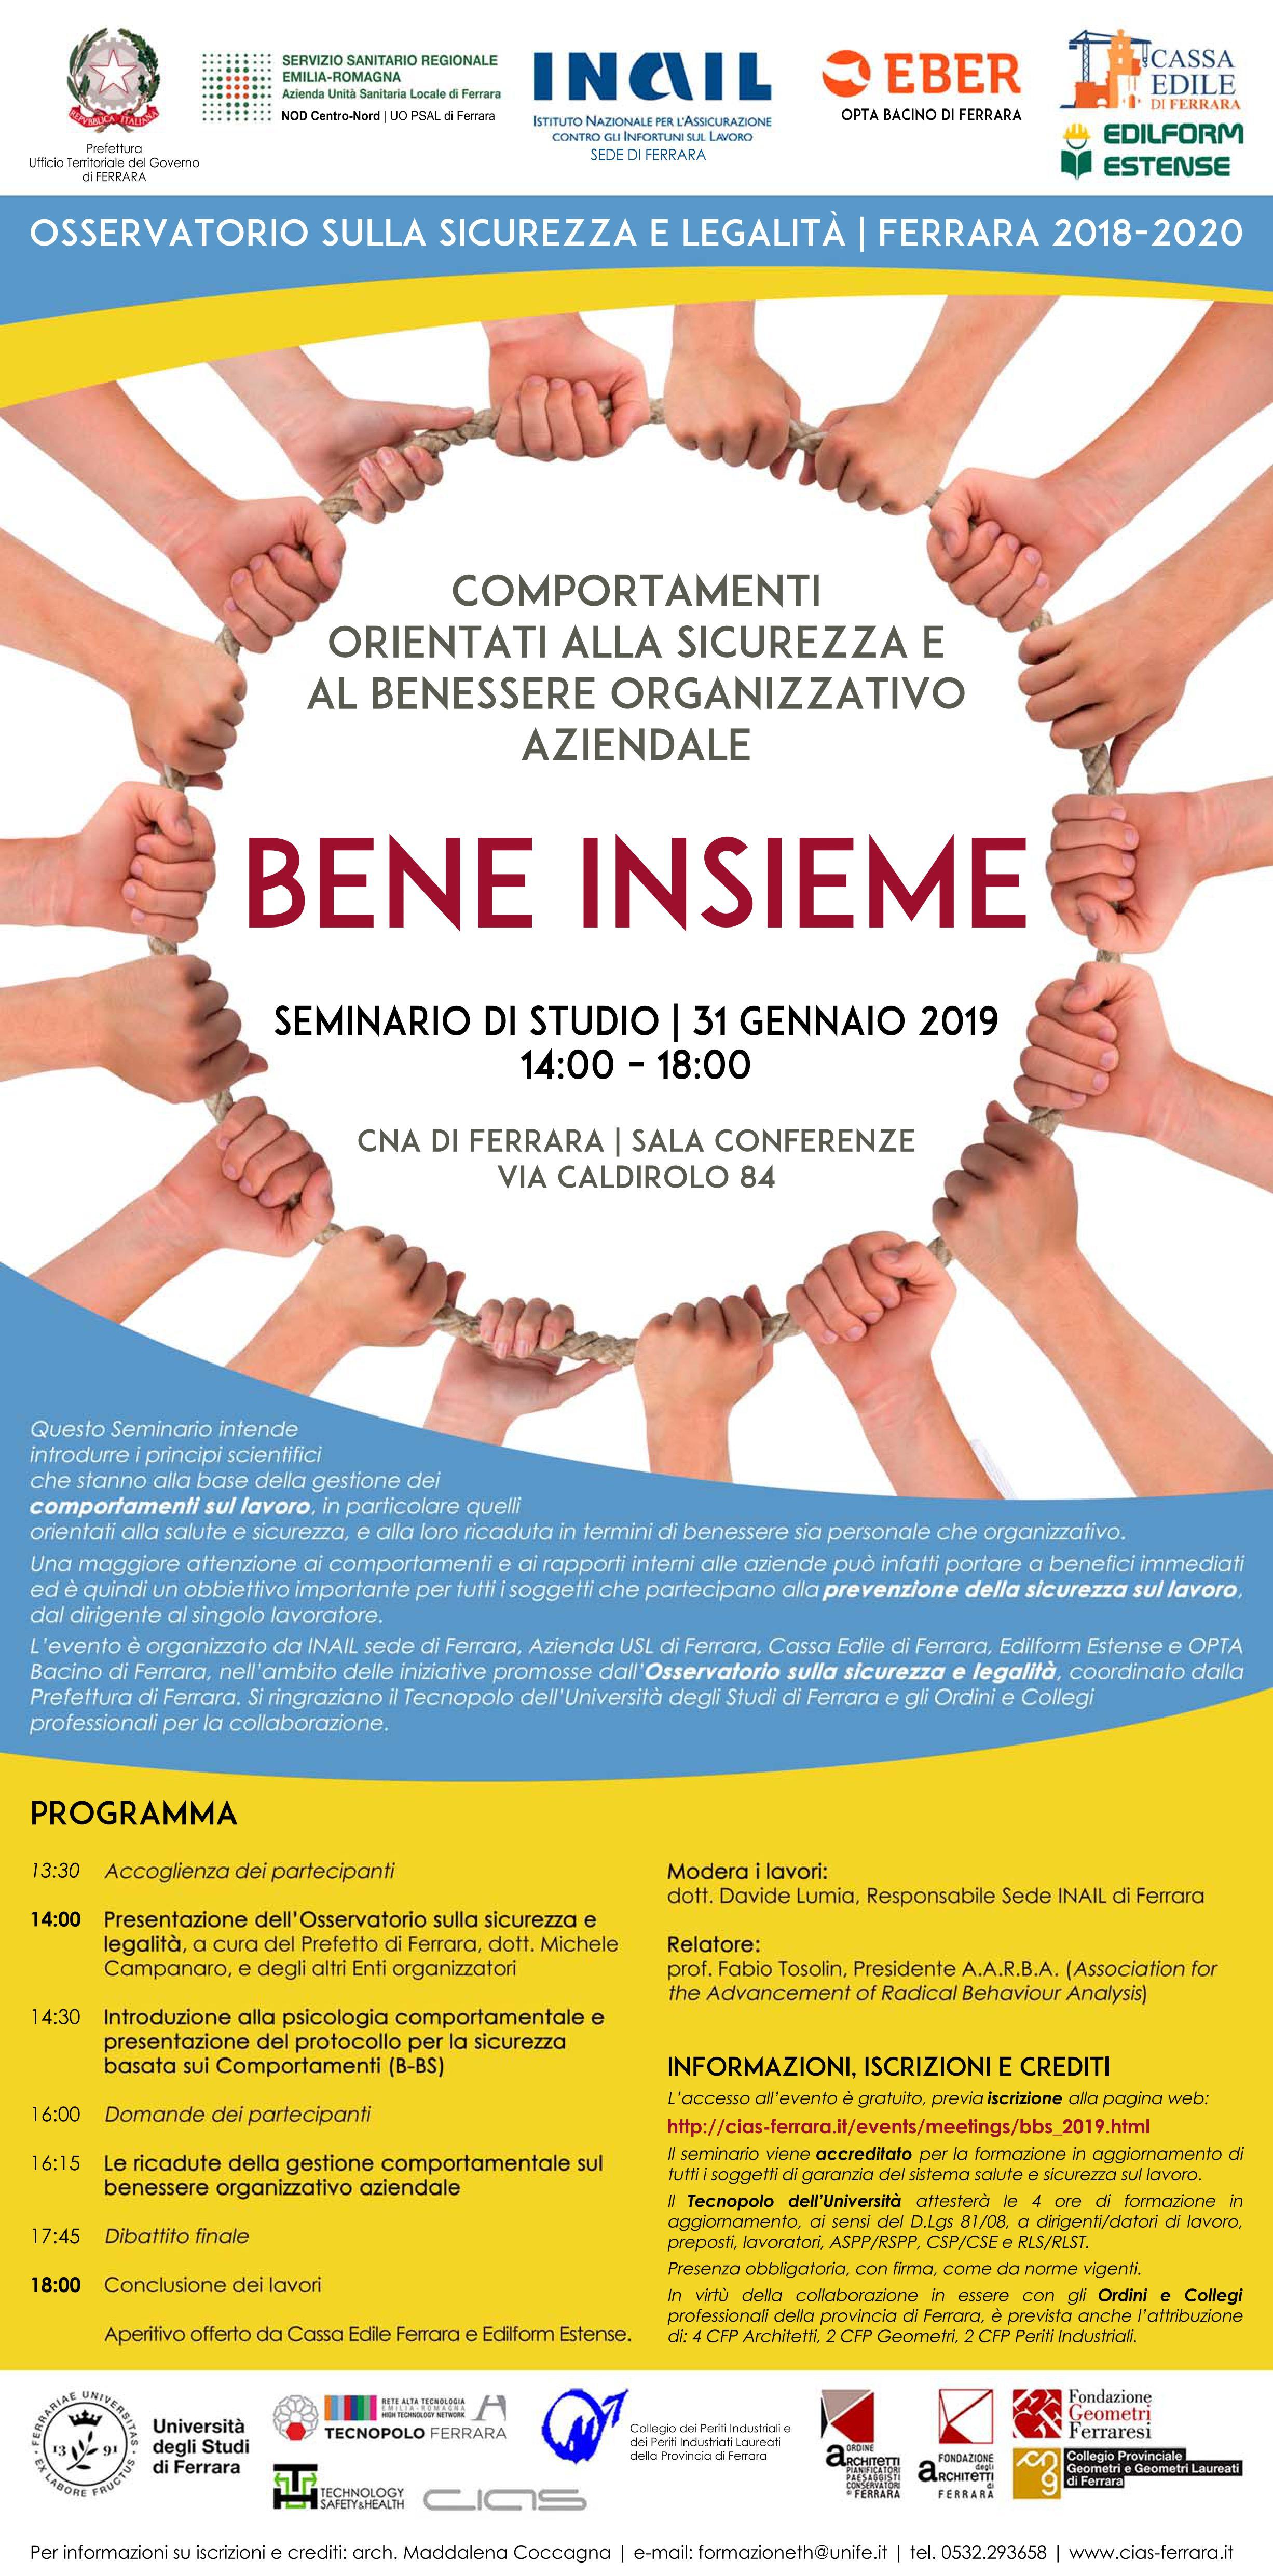 Bene Insieme Il 31 Gennaio Un Seminario Su Sicurezza E Benessere Organizzativo Promosso A Ferrara Dall Osservatorio Sulla Sicurezza Legacoop Estense